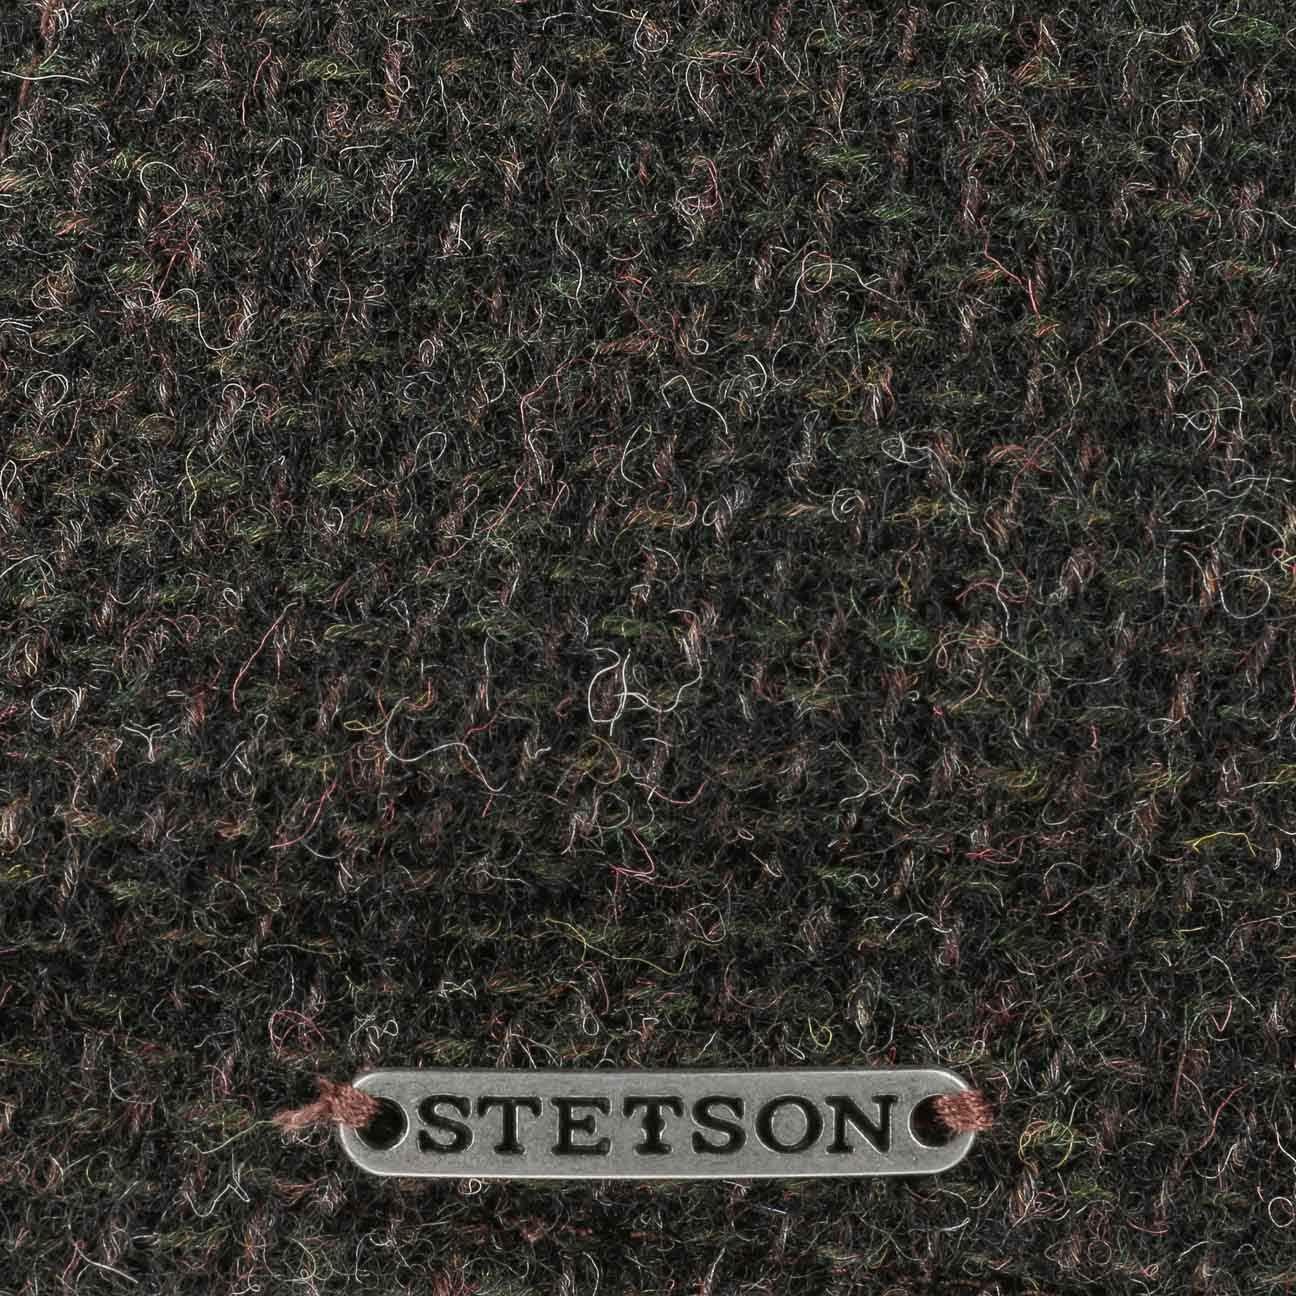 Fodera Autunno//Inverno Stetson Coppola Texas Classic Wool Uomo Made in The EU Cappello Invernale Berretto Piatto Cappellino Lana con Visiera